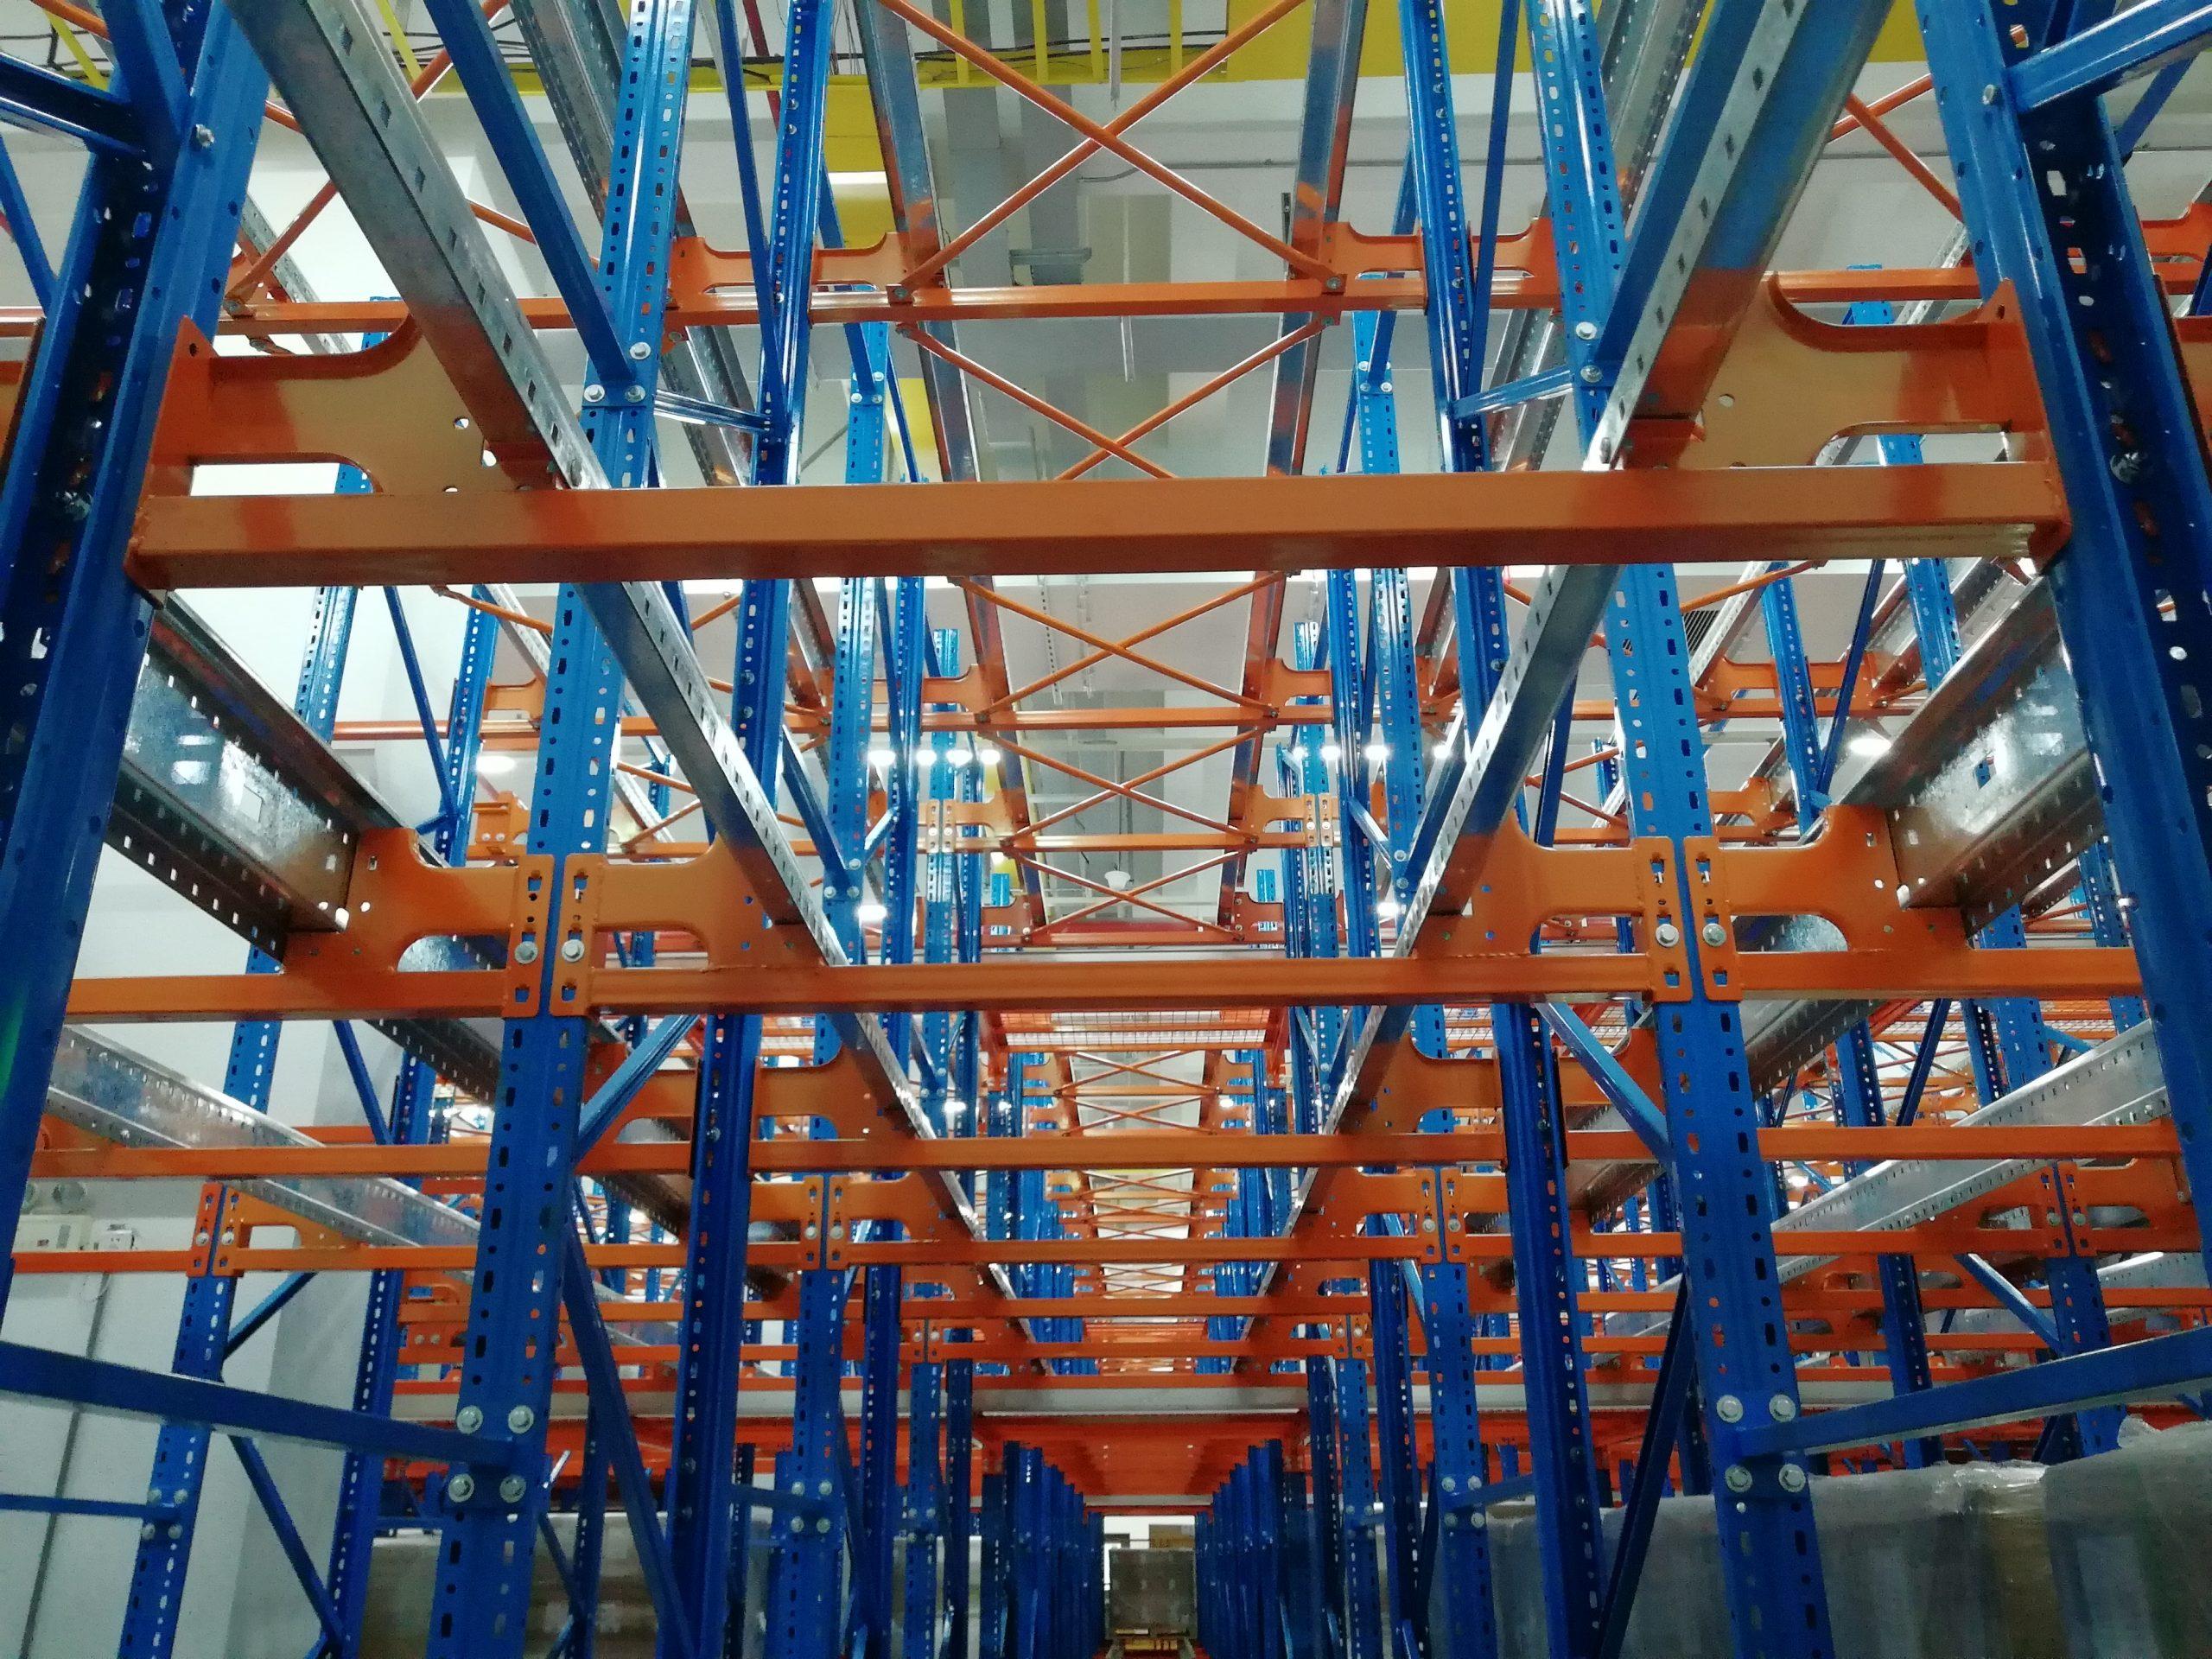 智能四向穿梭车货架自动化立体仓库